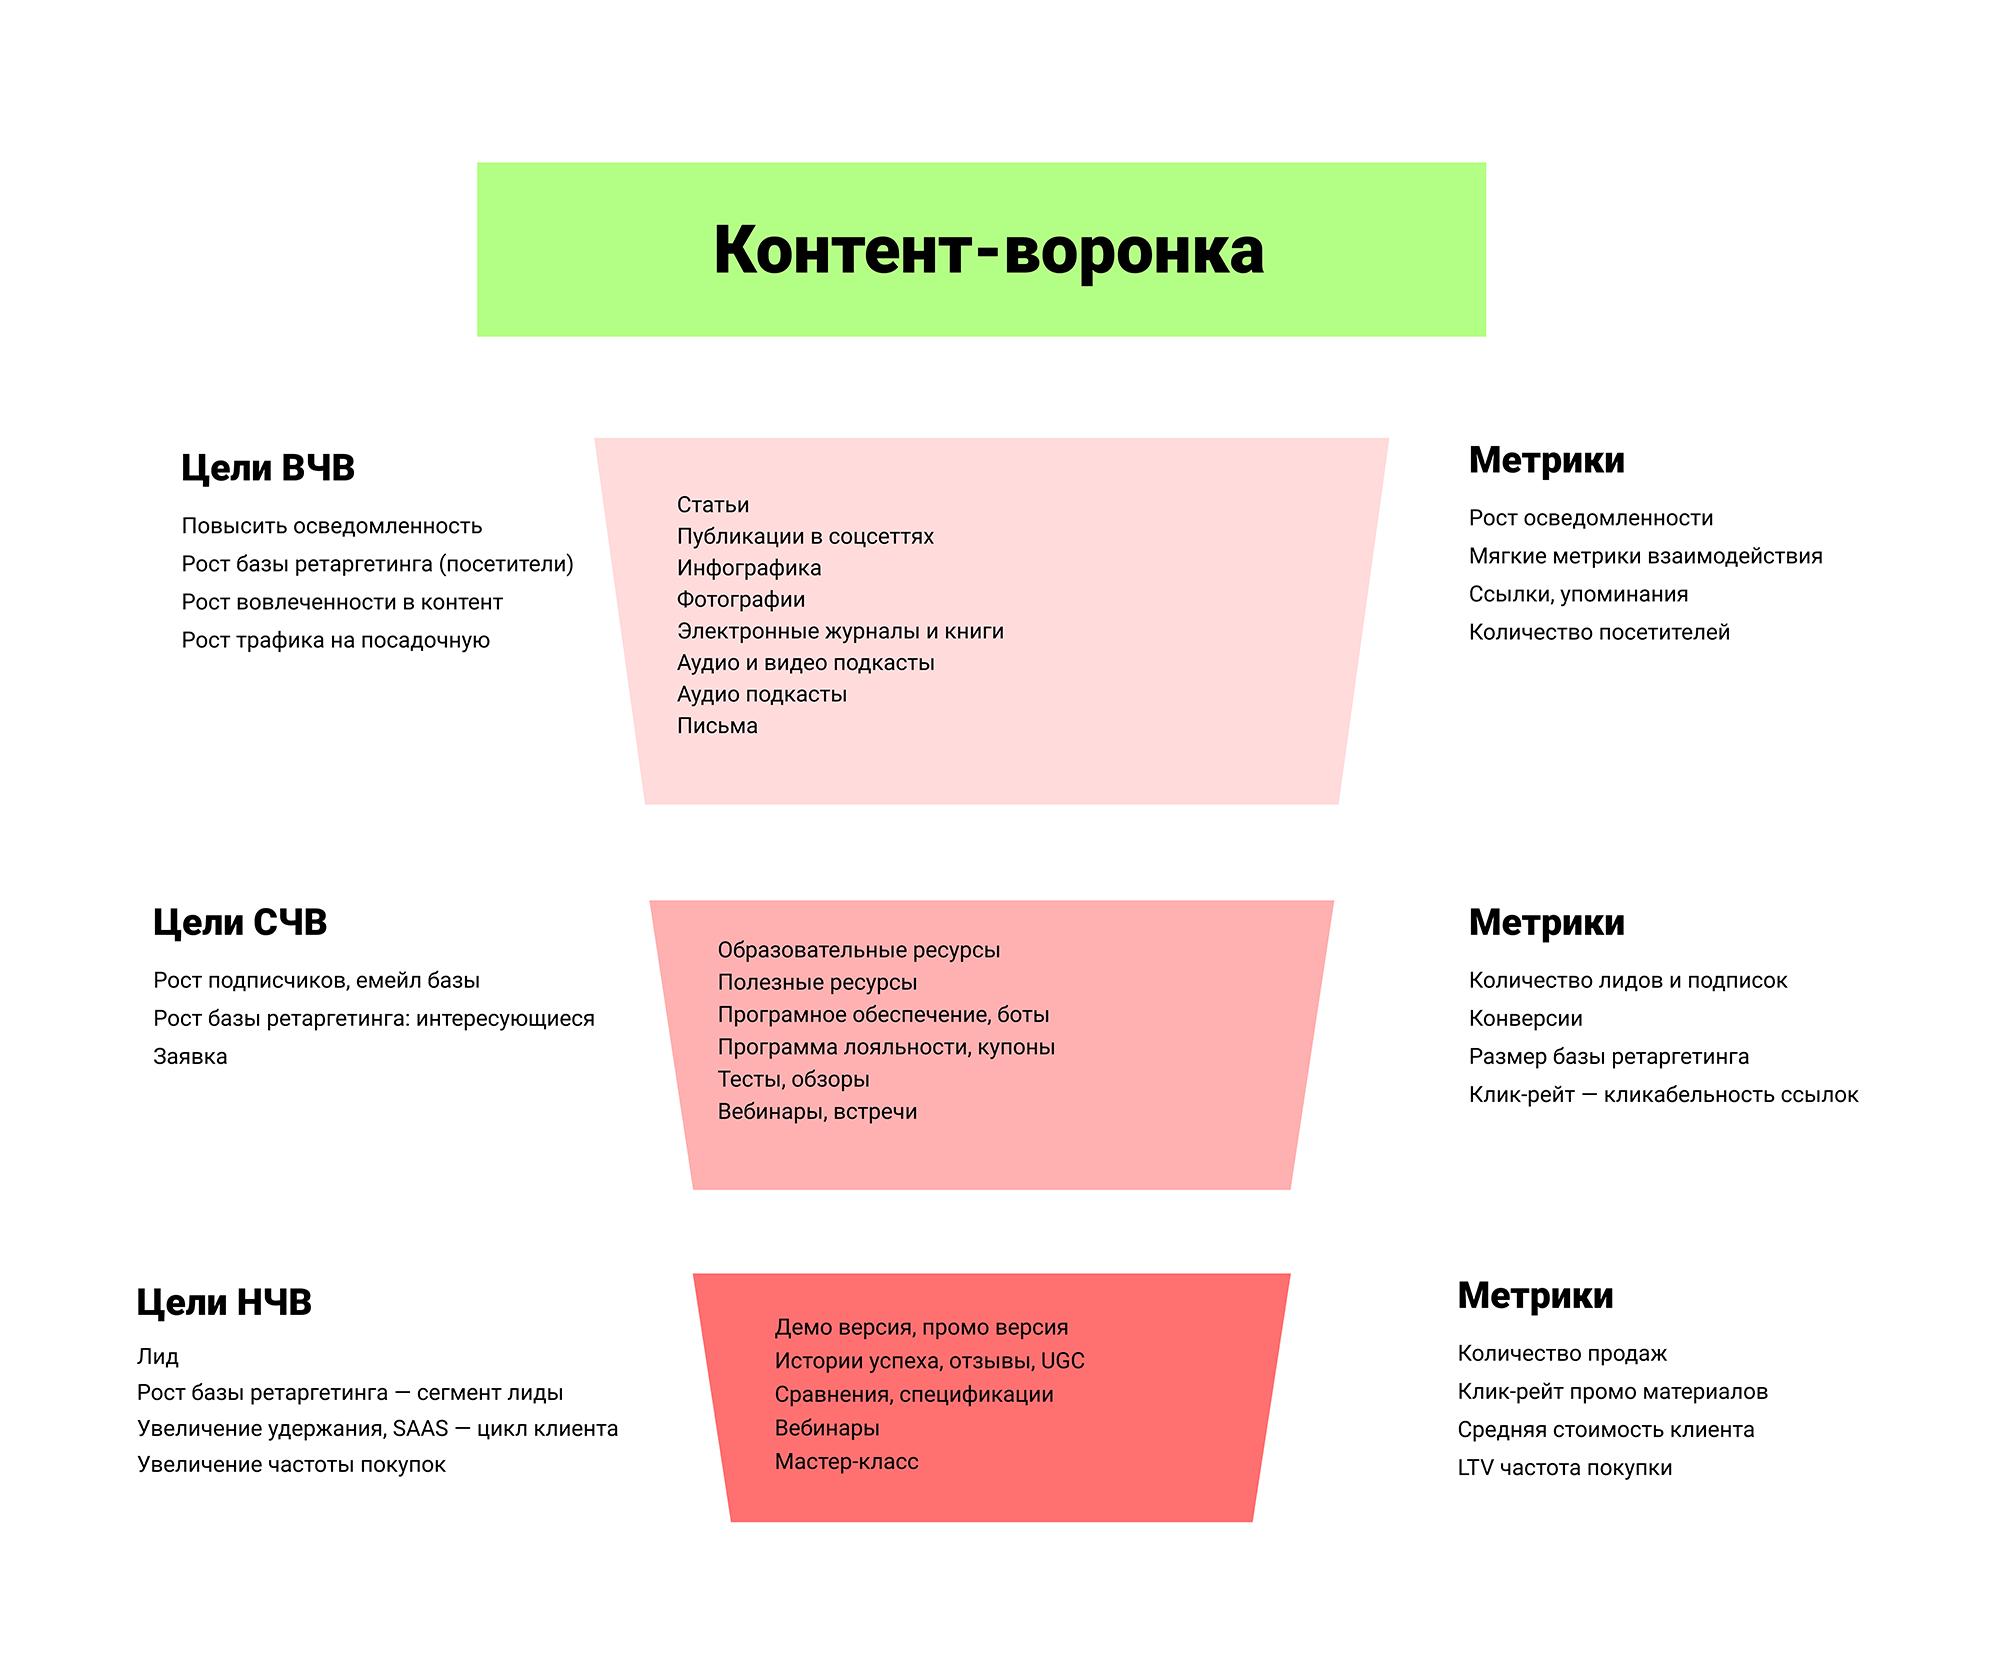 Схема контента в зависимости от готовности аудитории совершать целевые действия